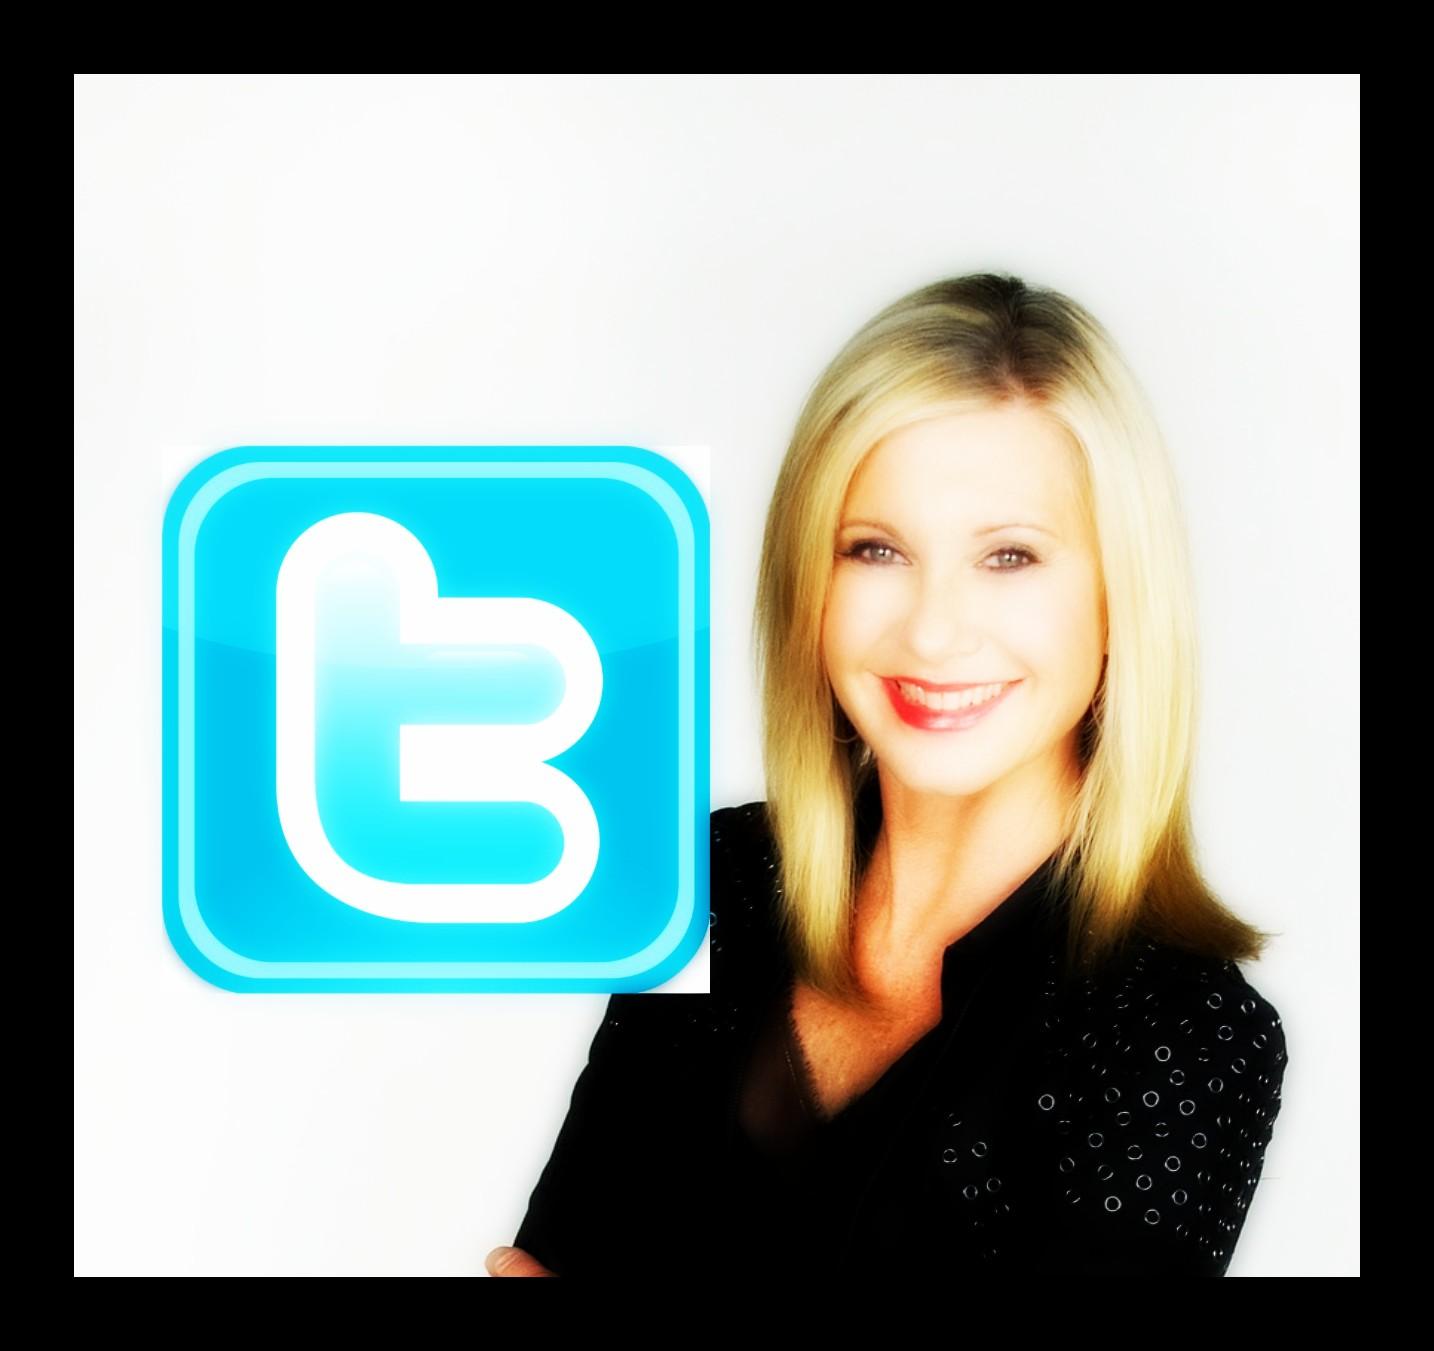 Olivia Newton-John On Twitter